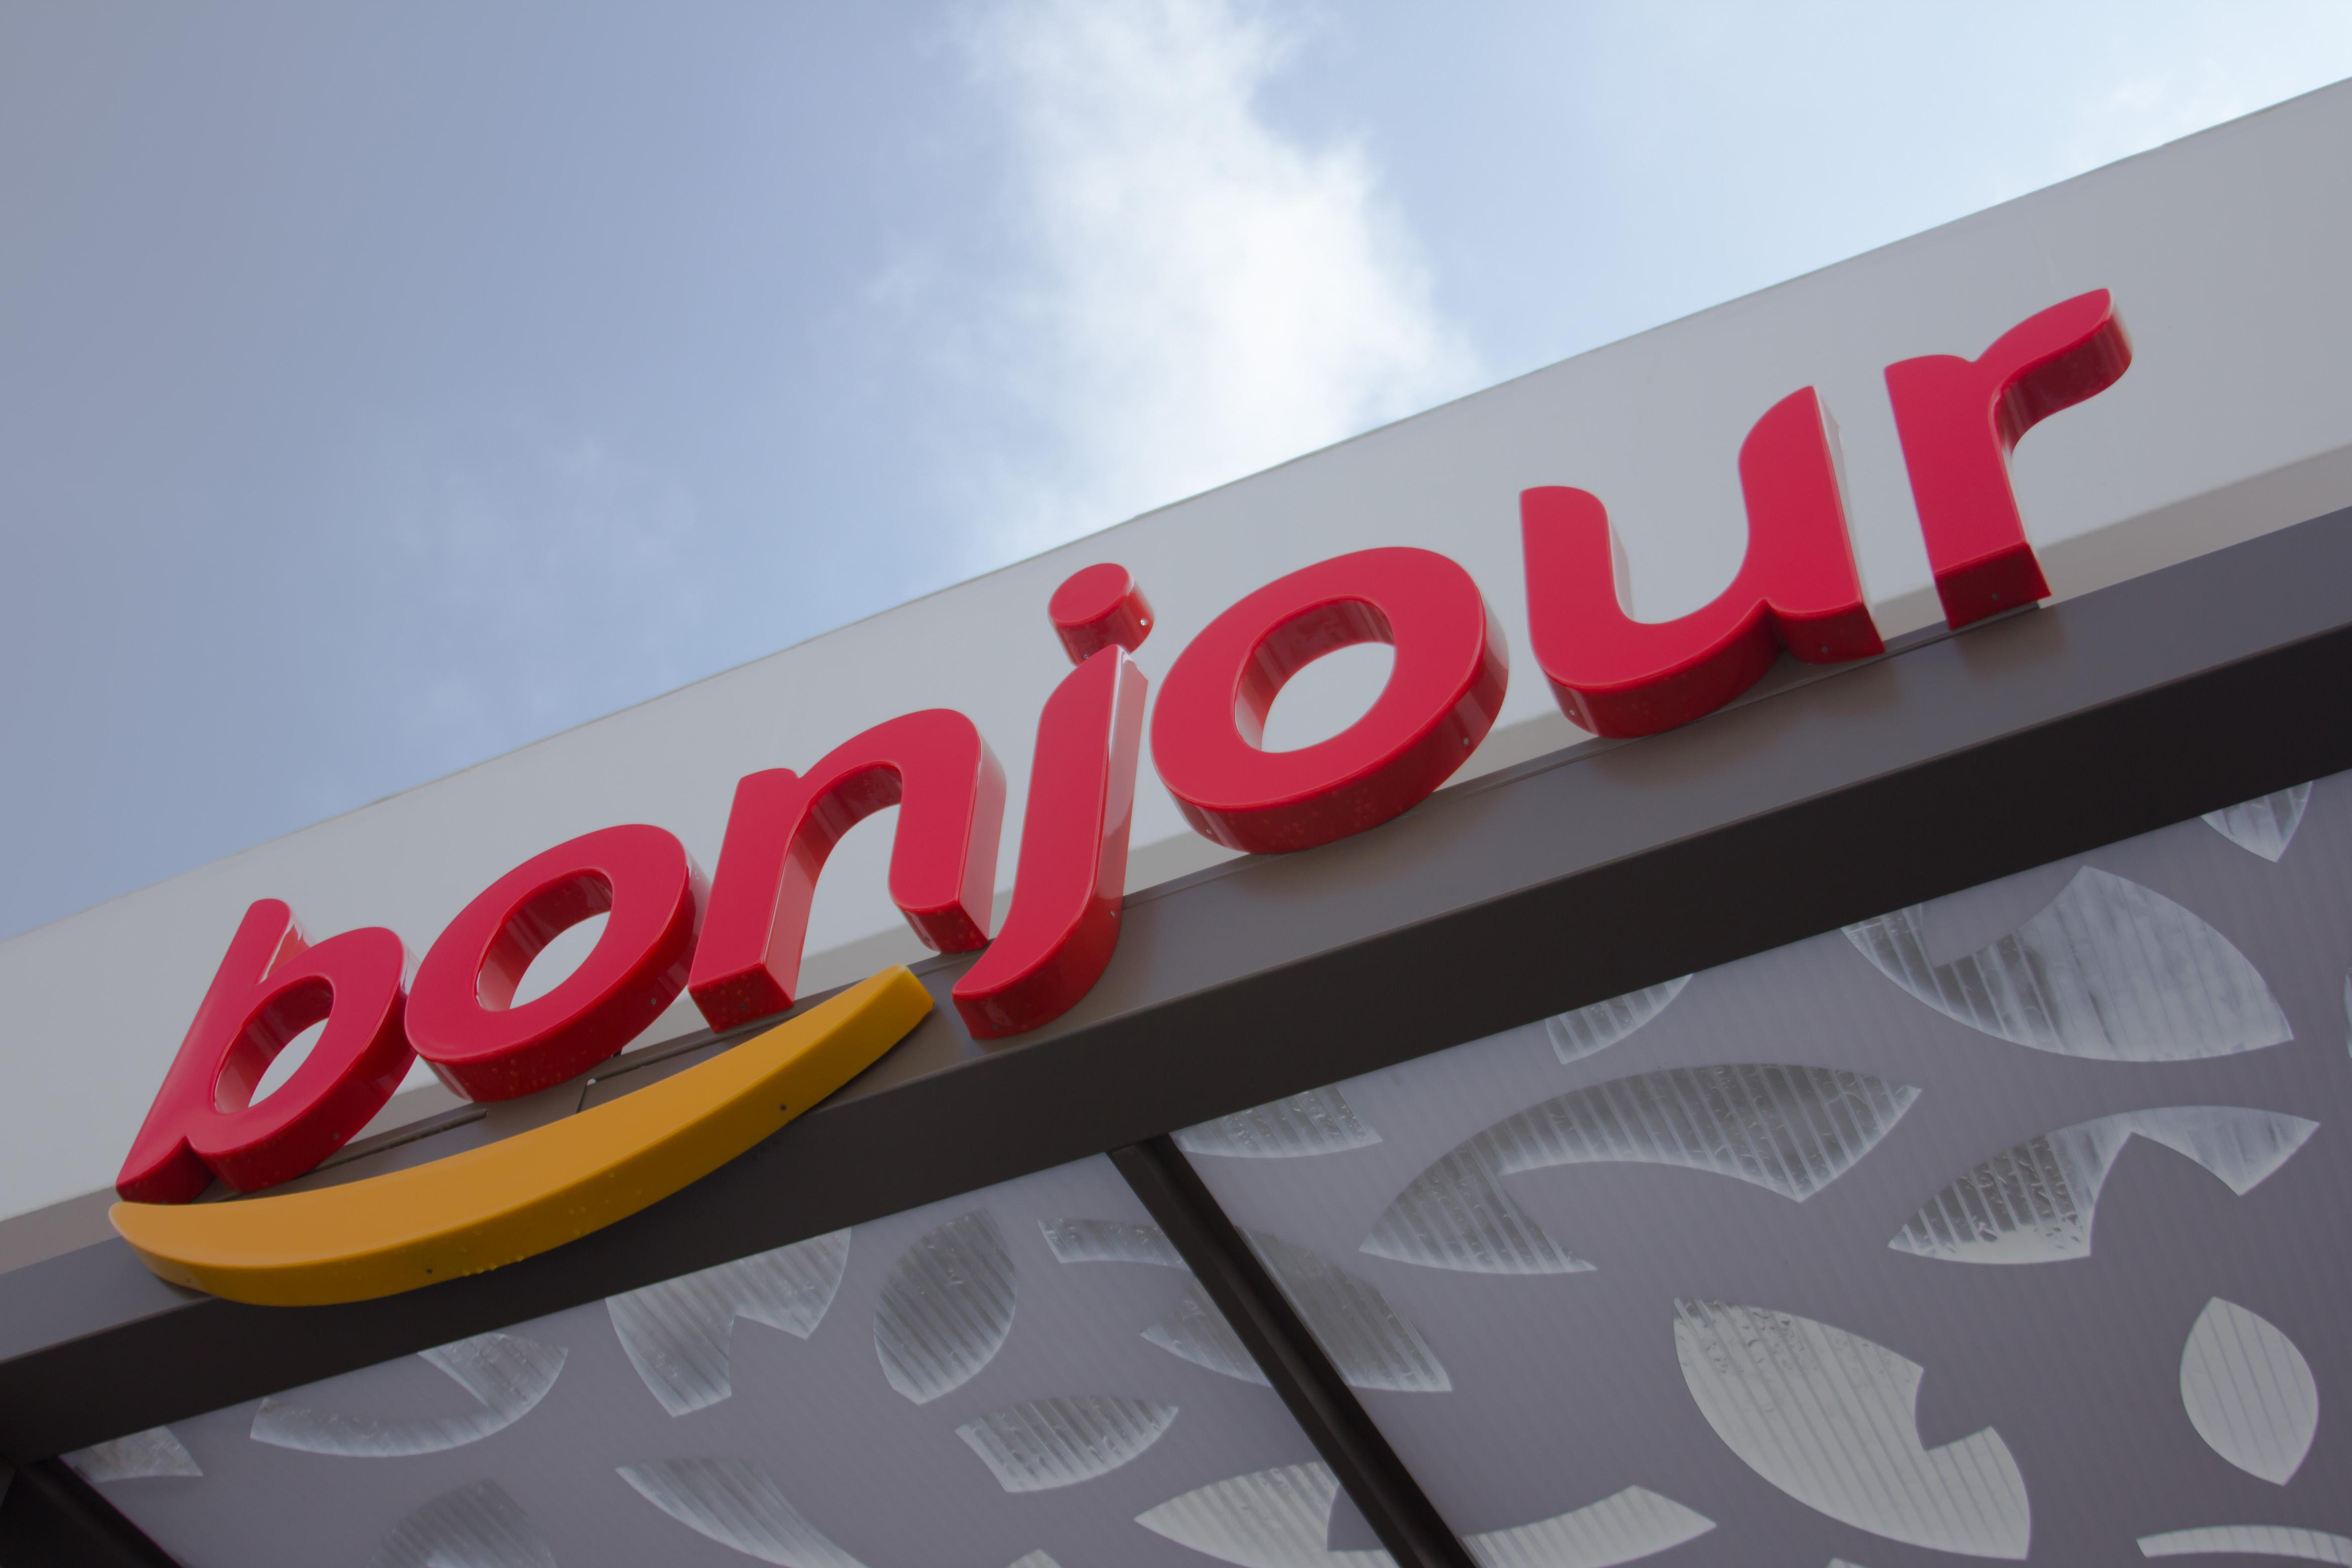 Total competirá contra Oxxo con su nueva tienda Bonjour